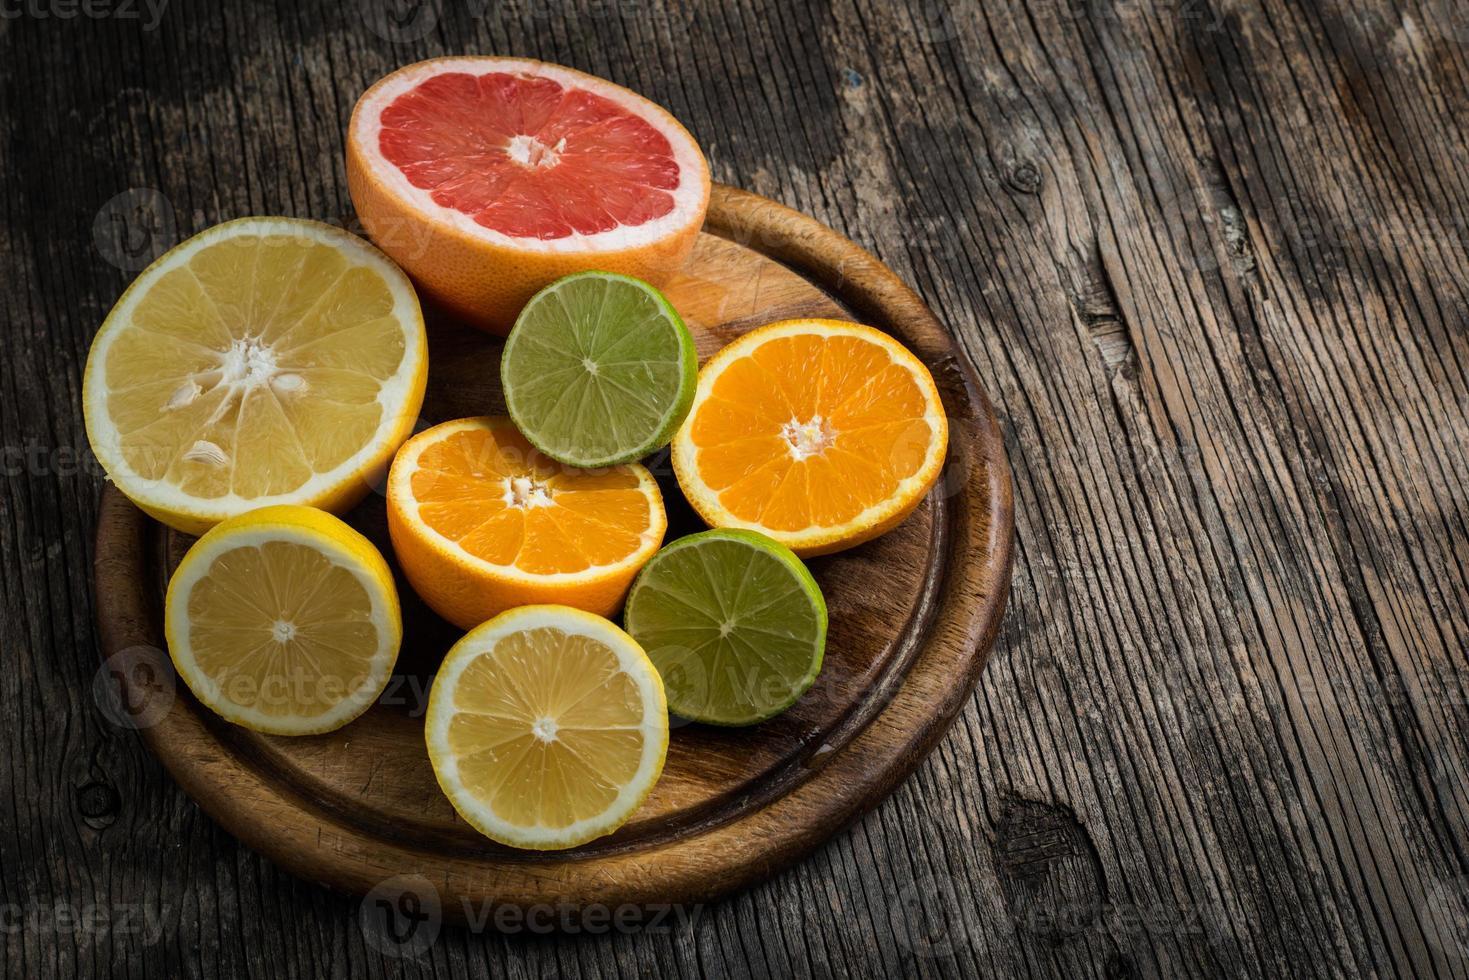 Hälften von Zitrusfrüchten auf hölzernem Hintergrund foto